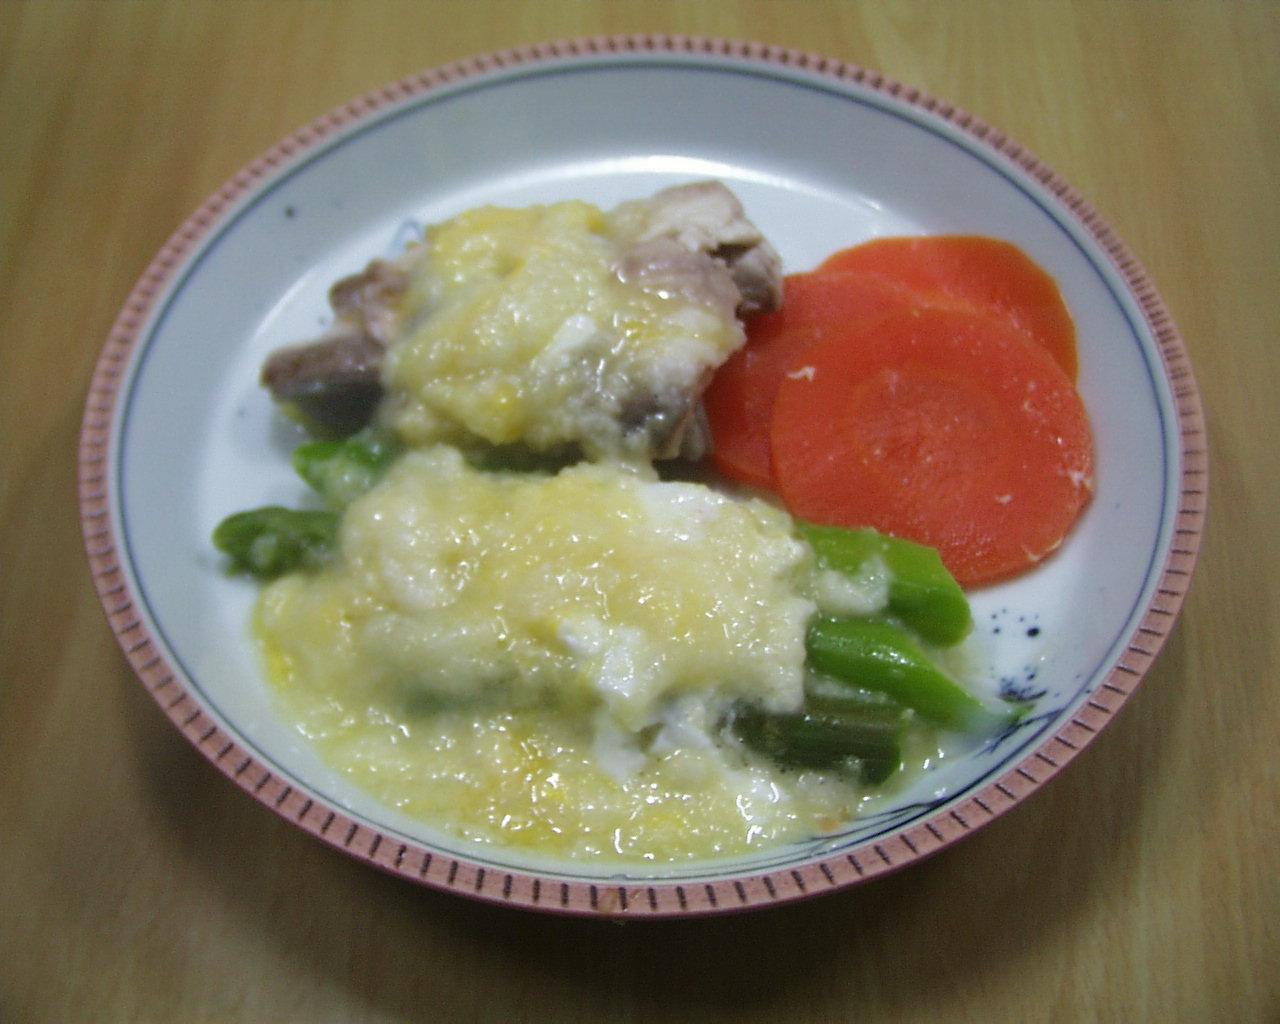 アスパラガス、ぶりの長芋とろろの添え物